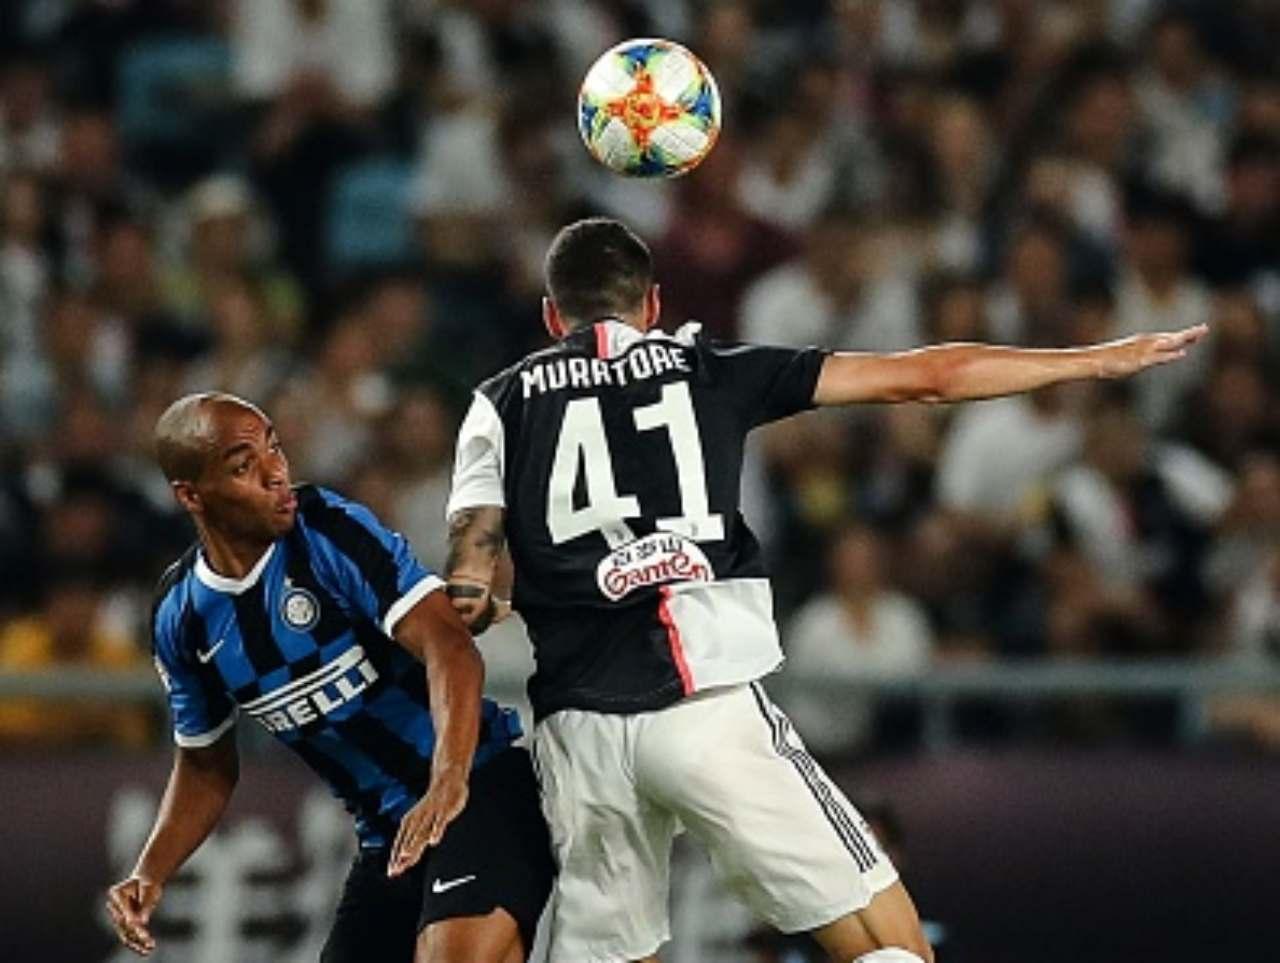 Calciomercato Juventus, la Serie B su Muratore: i possibili club